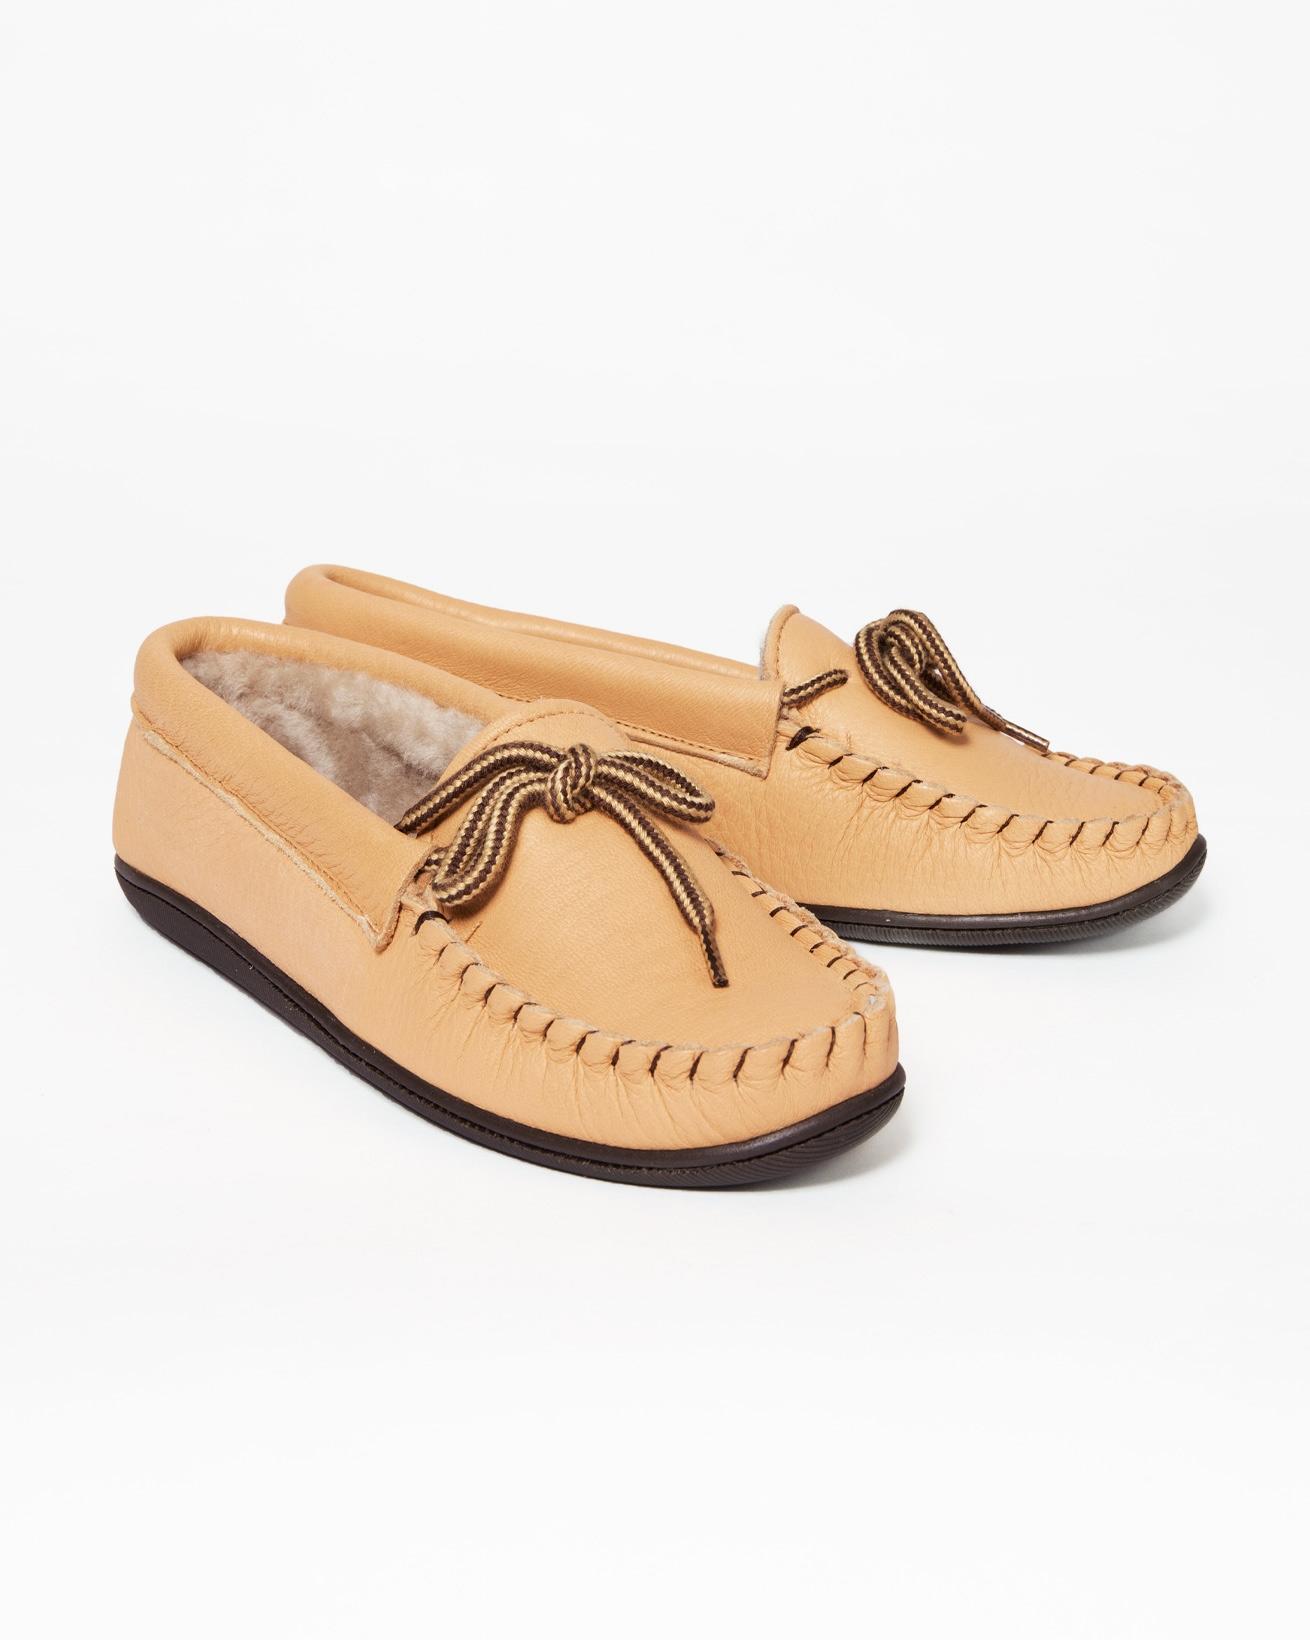 Ladies Dawson Slipper - Size 5 - Tan